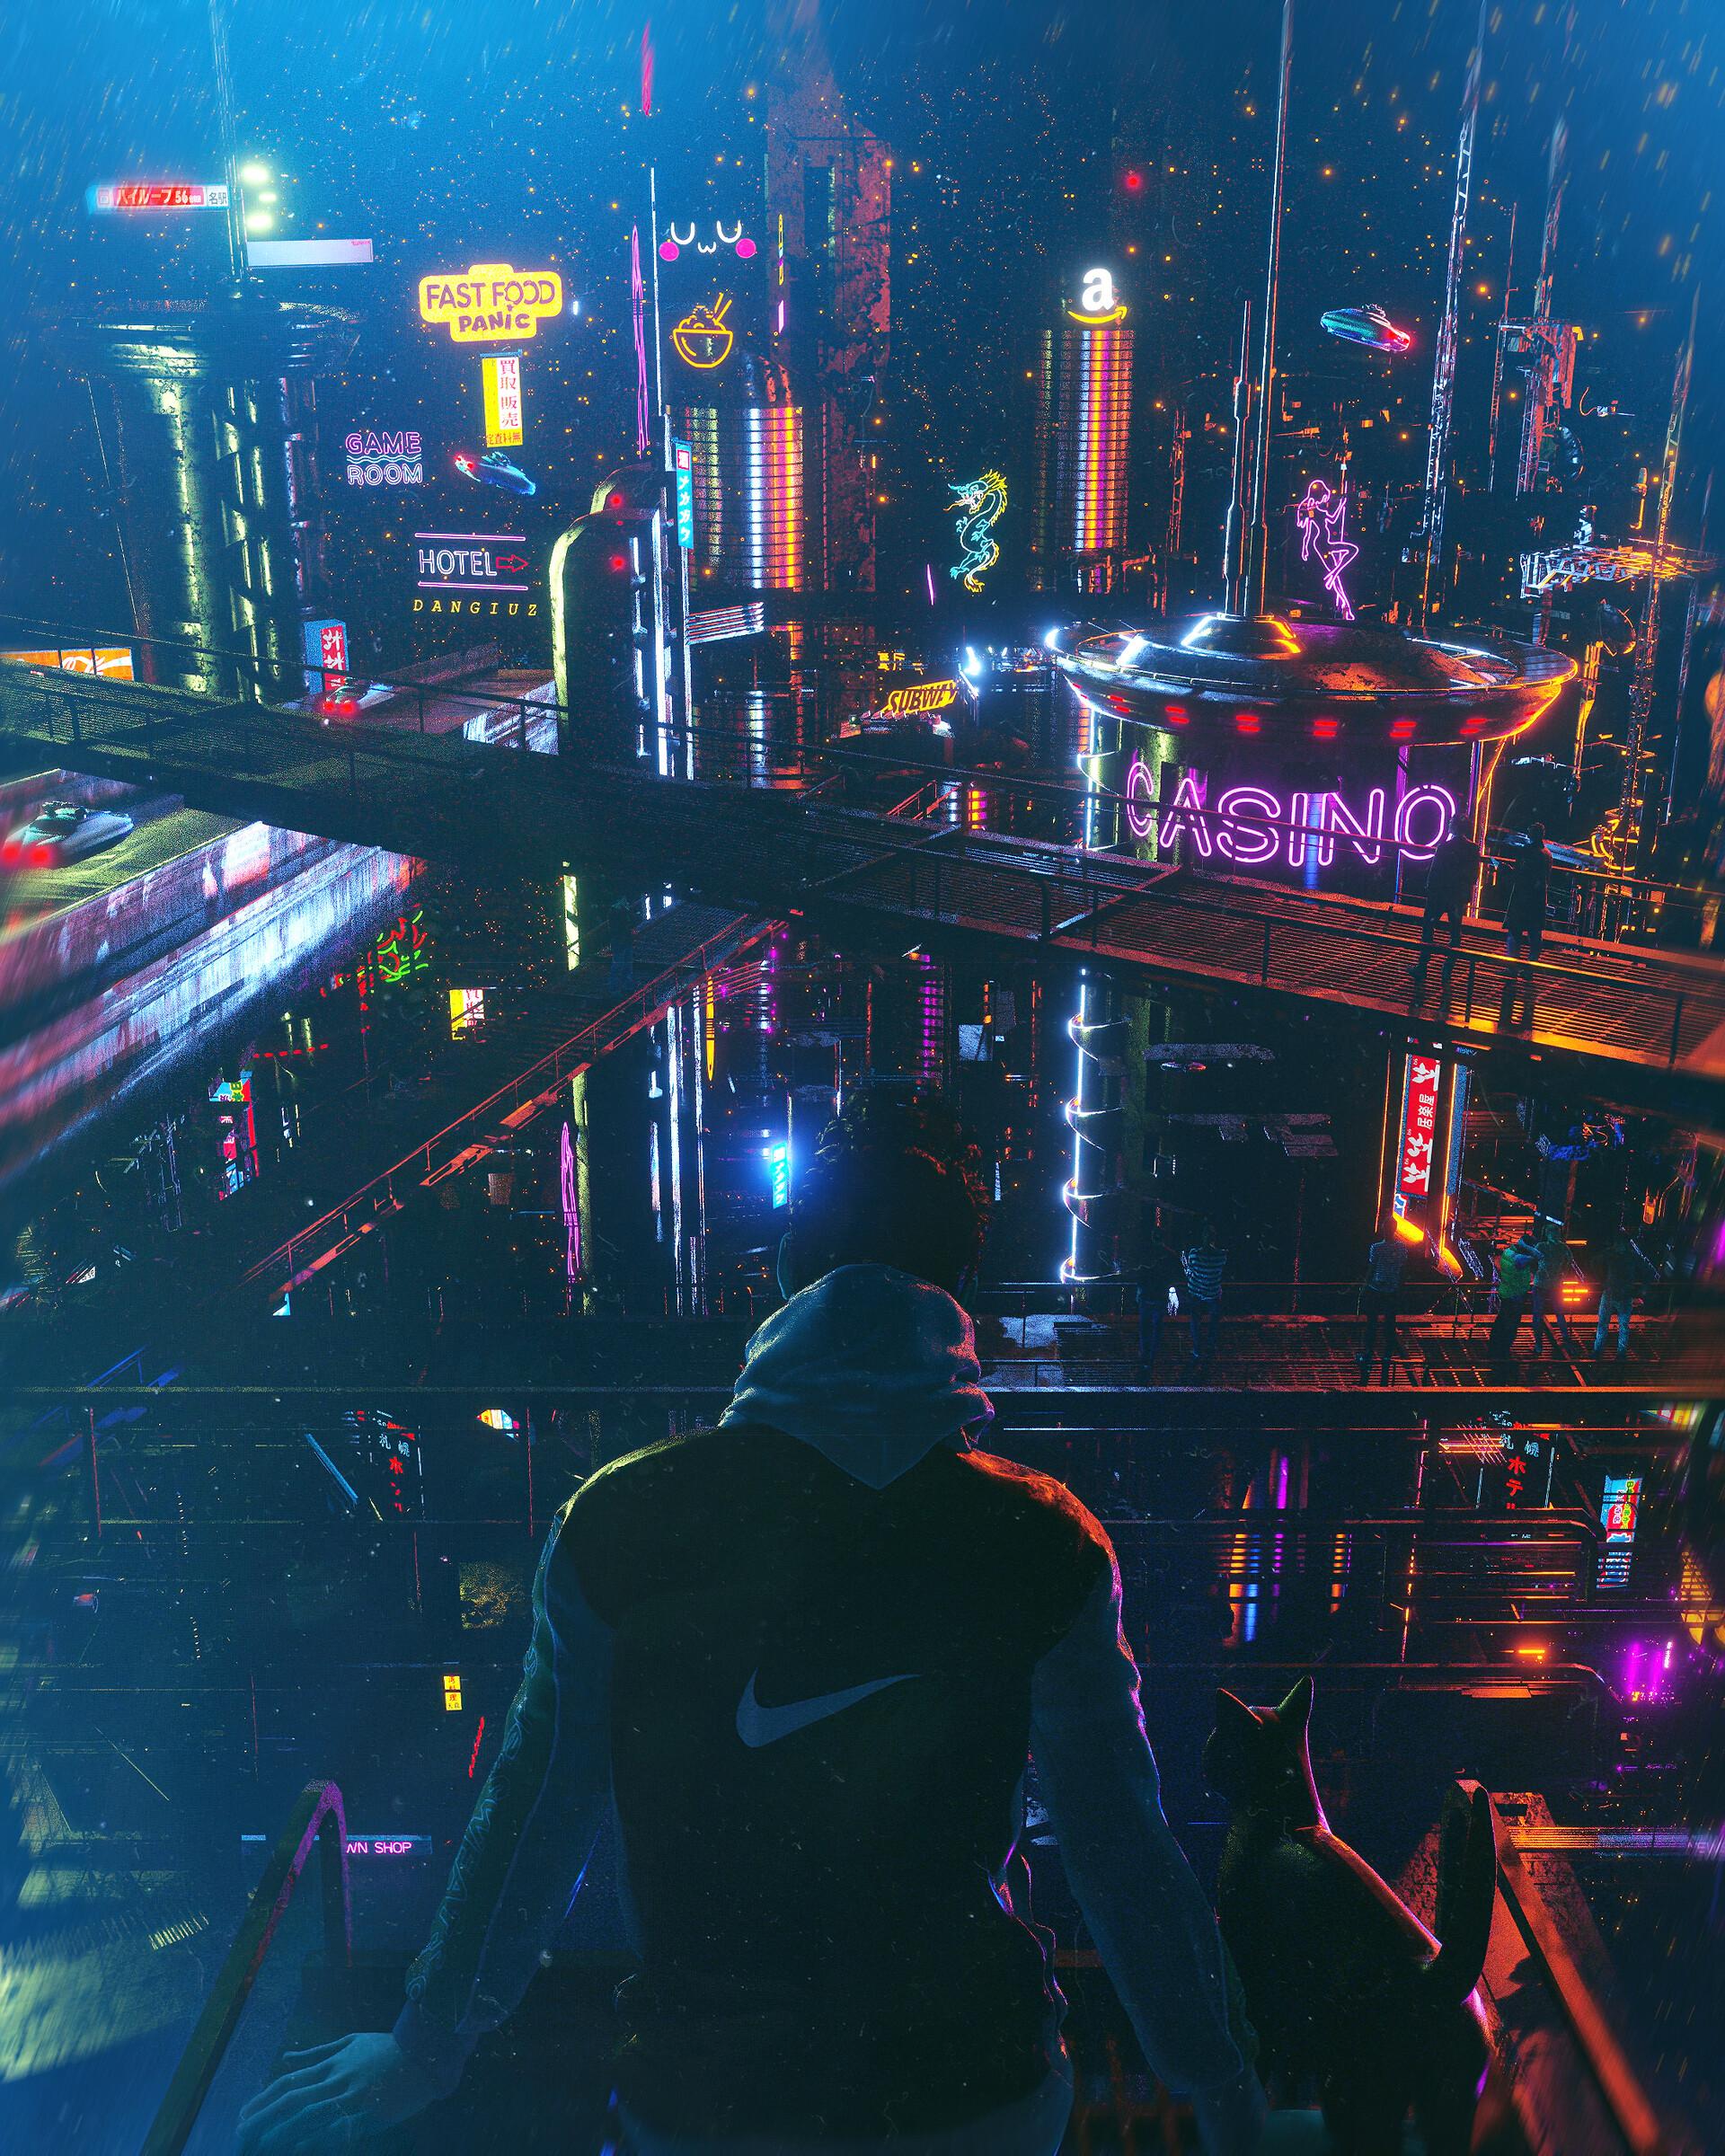 デスクトップ壁紙 アートワーク デジタルアート Cyber City サイバーパンク 猫 19x2400 Roseblack デスクトップ壁紙 Wallhere